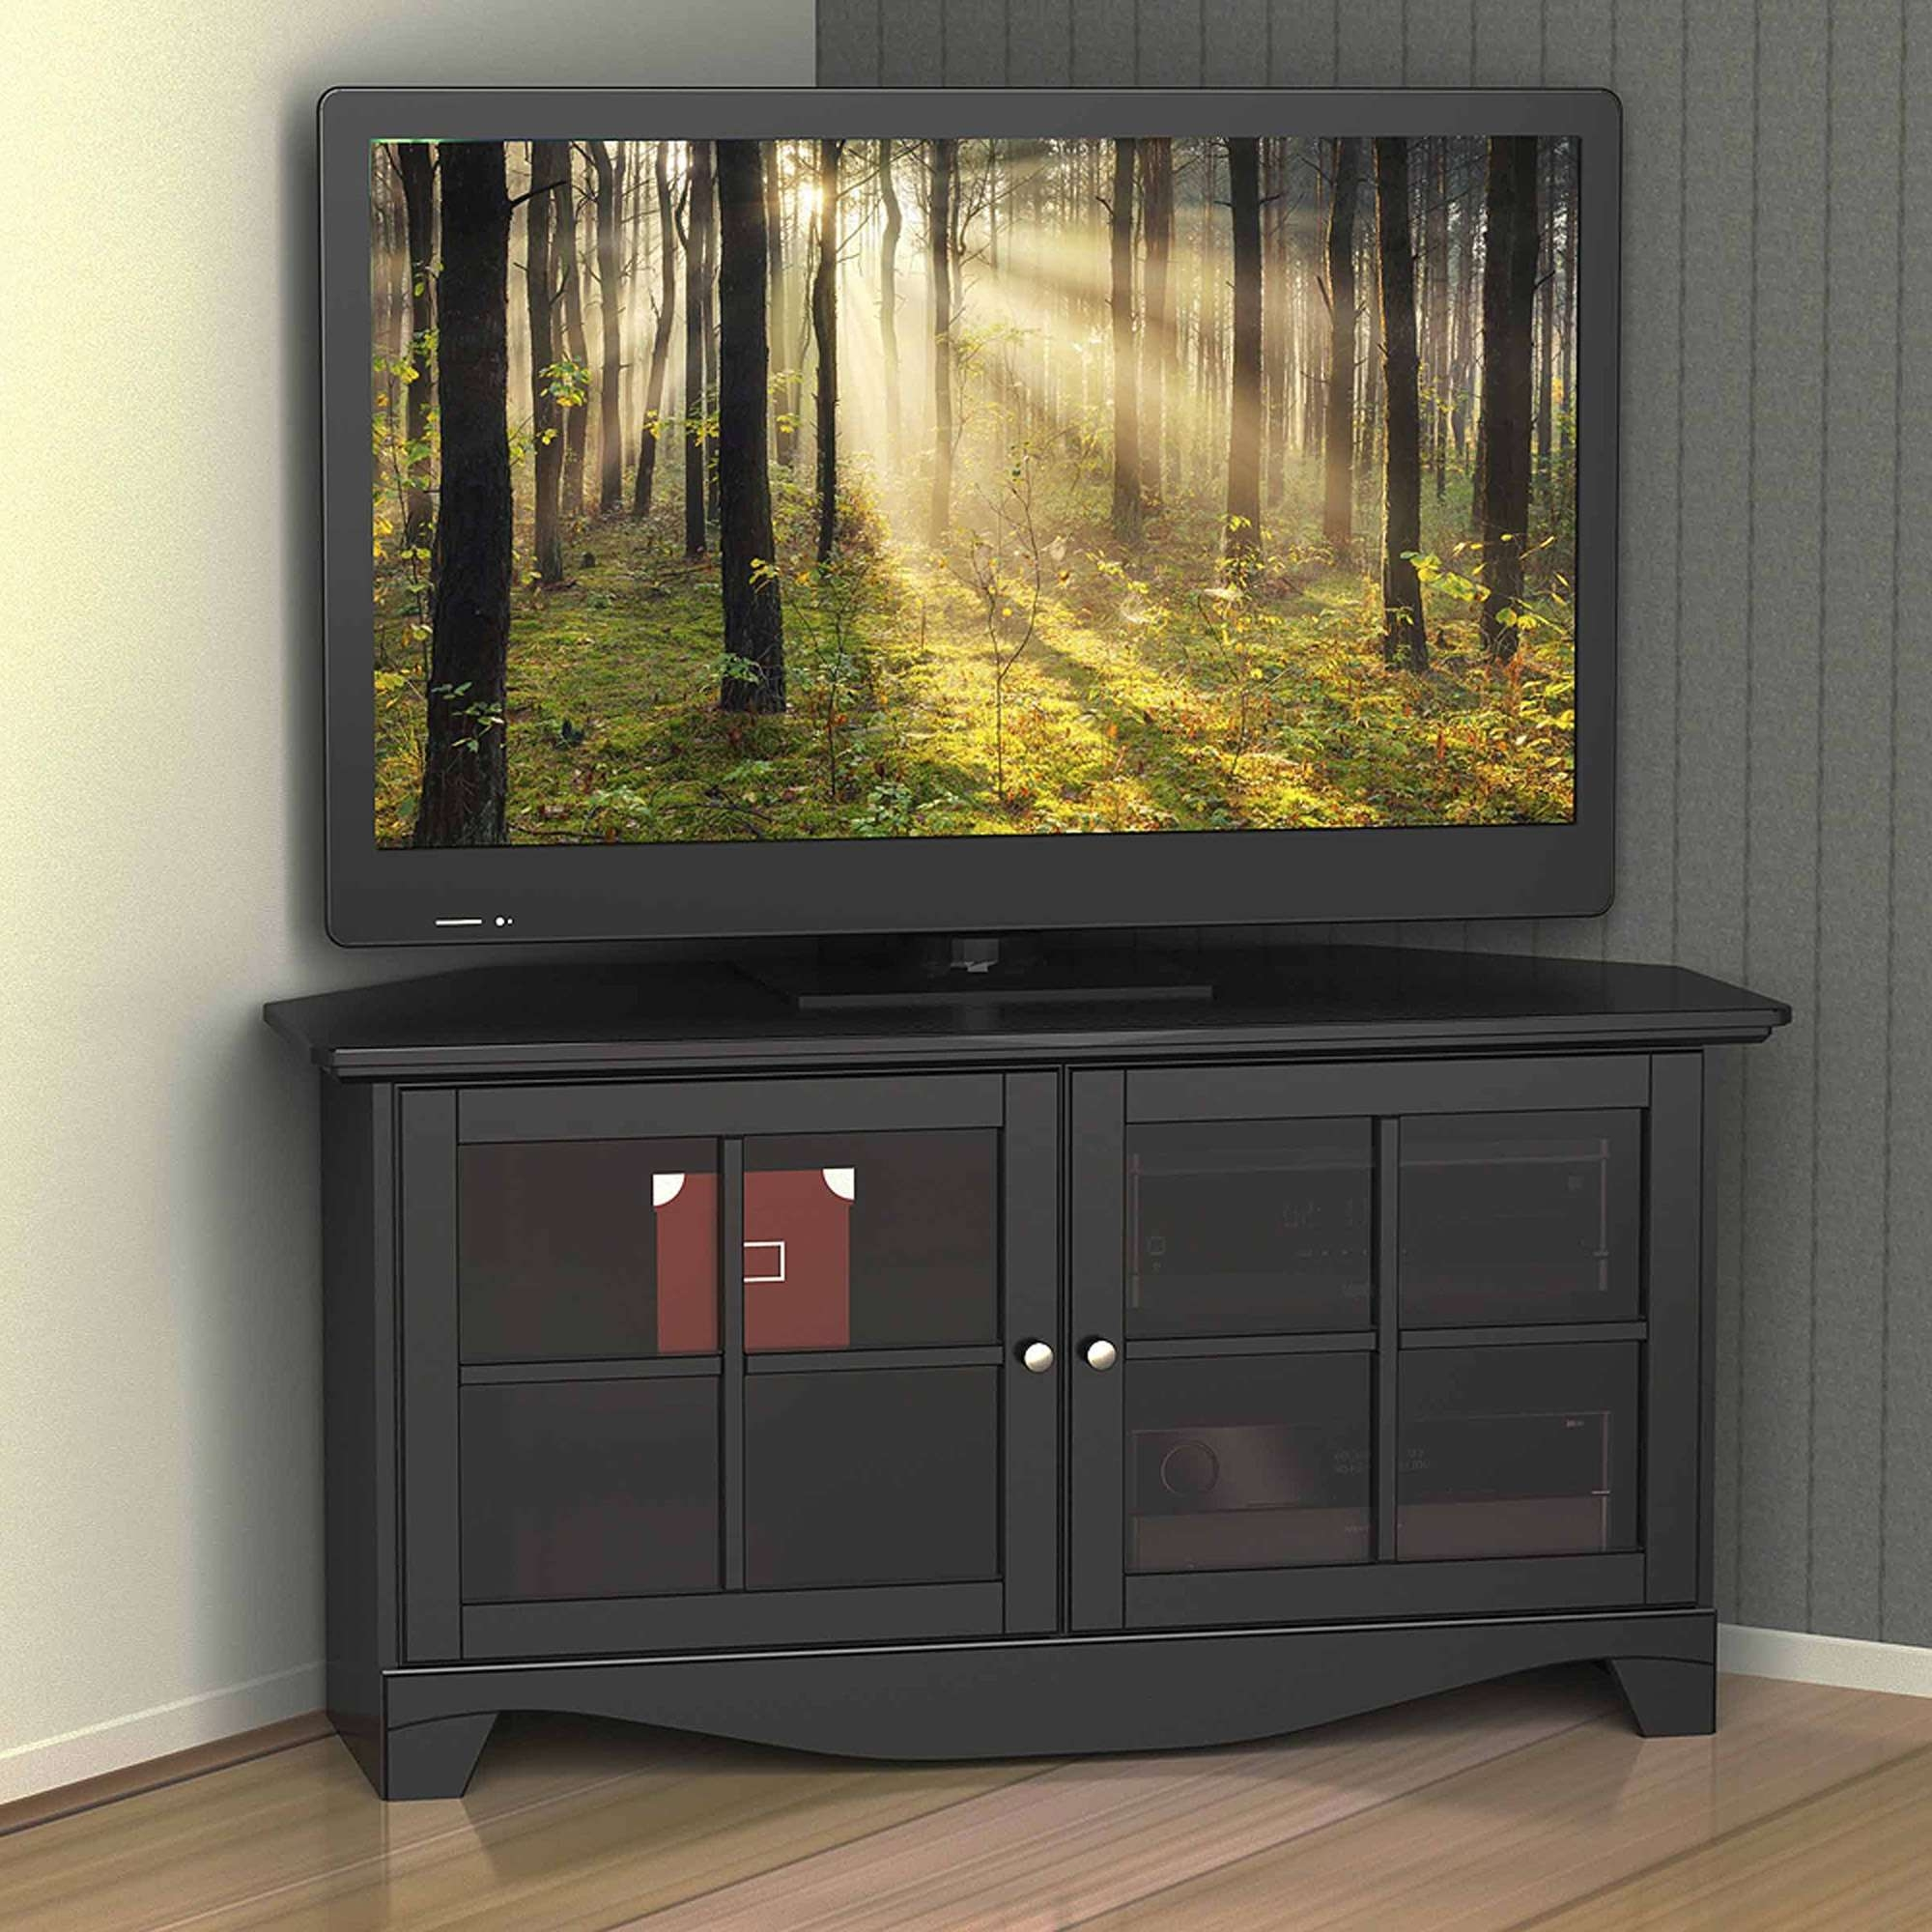 Black Corner Tv Cabinet With Doors • Corner Cabinets Pertaining To Black Tv Cabinets With Doors (View 15 of 20)